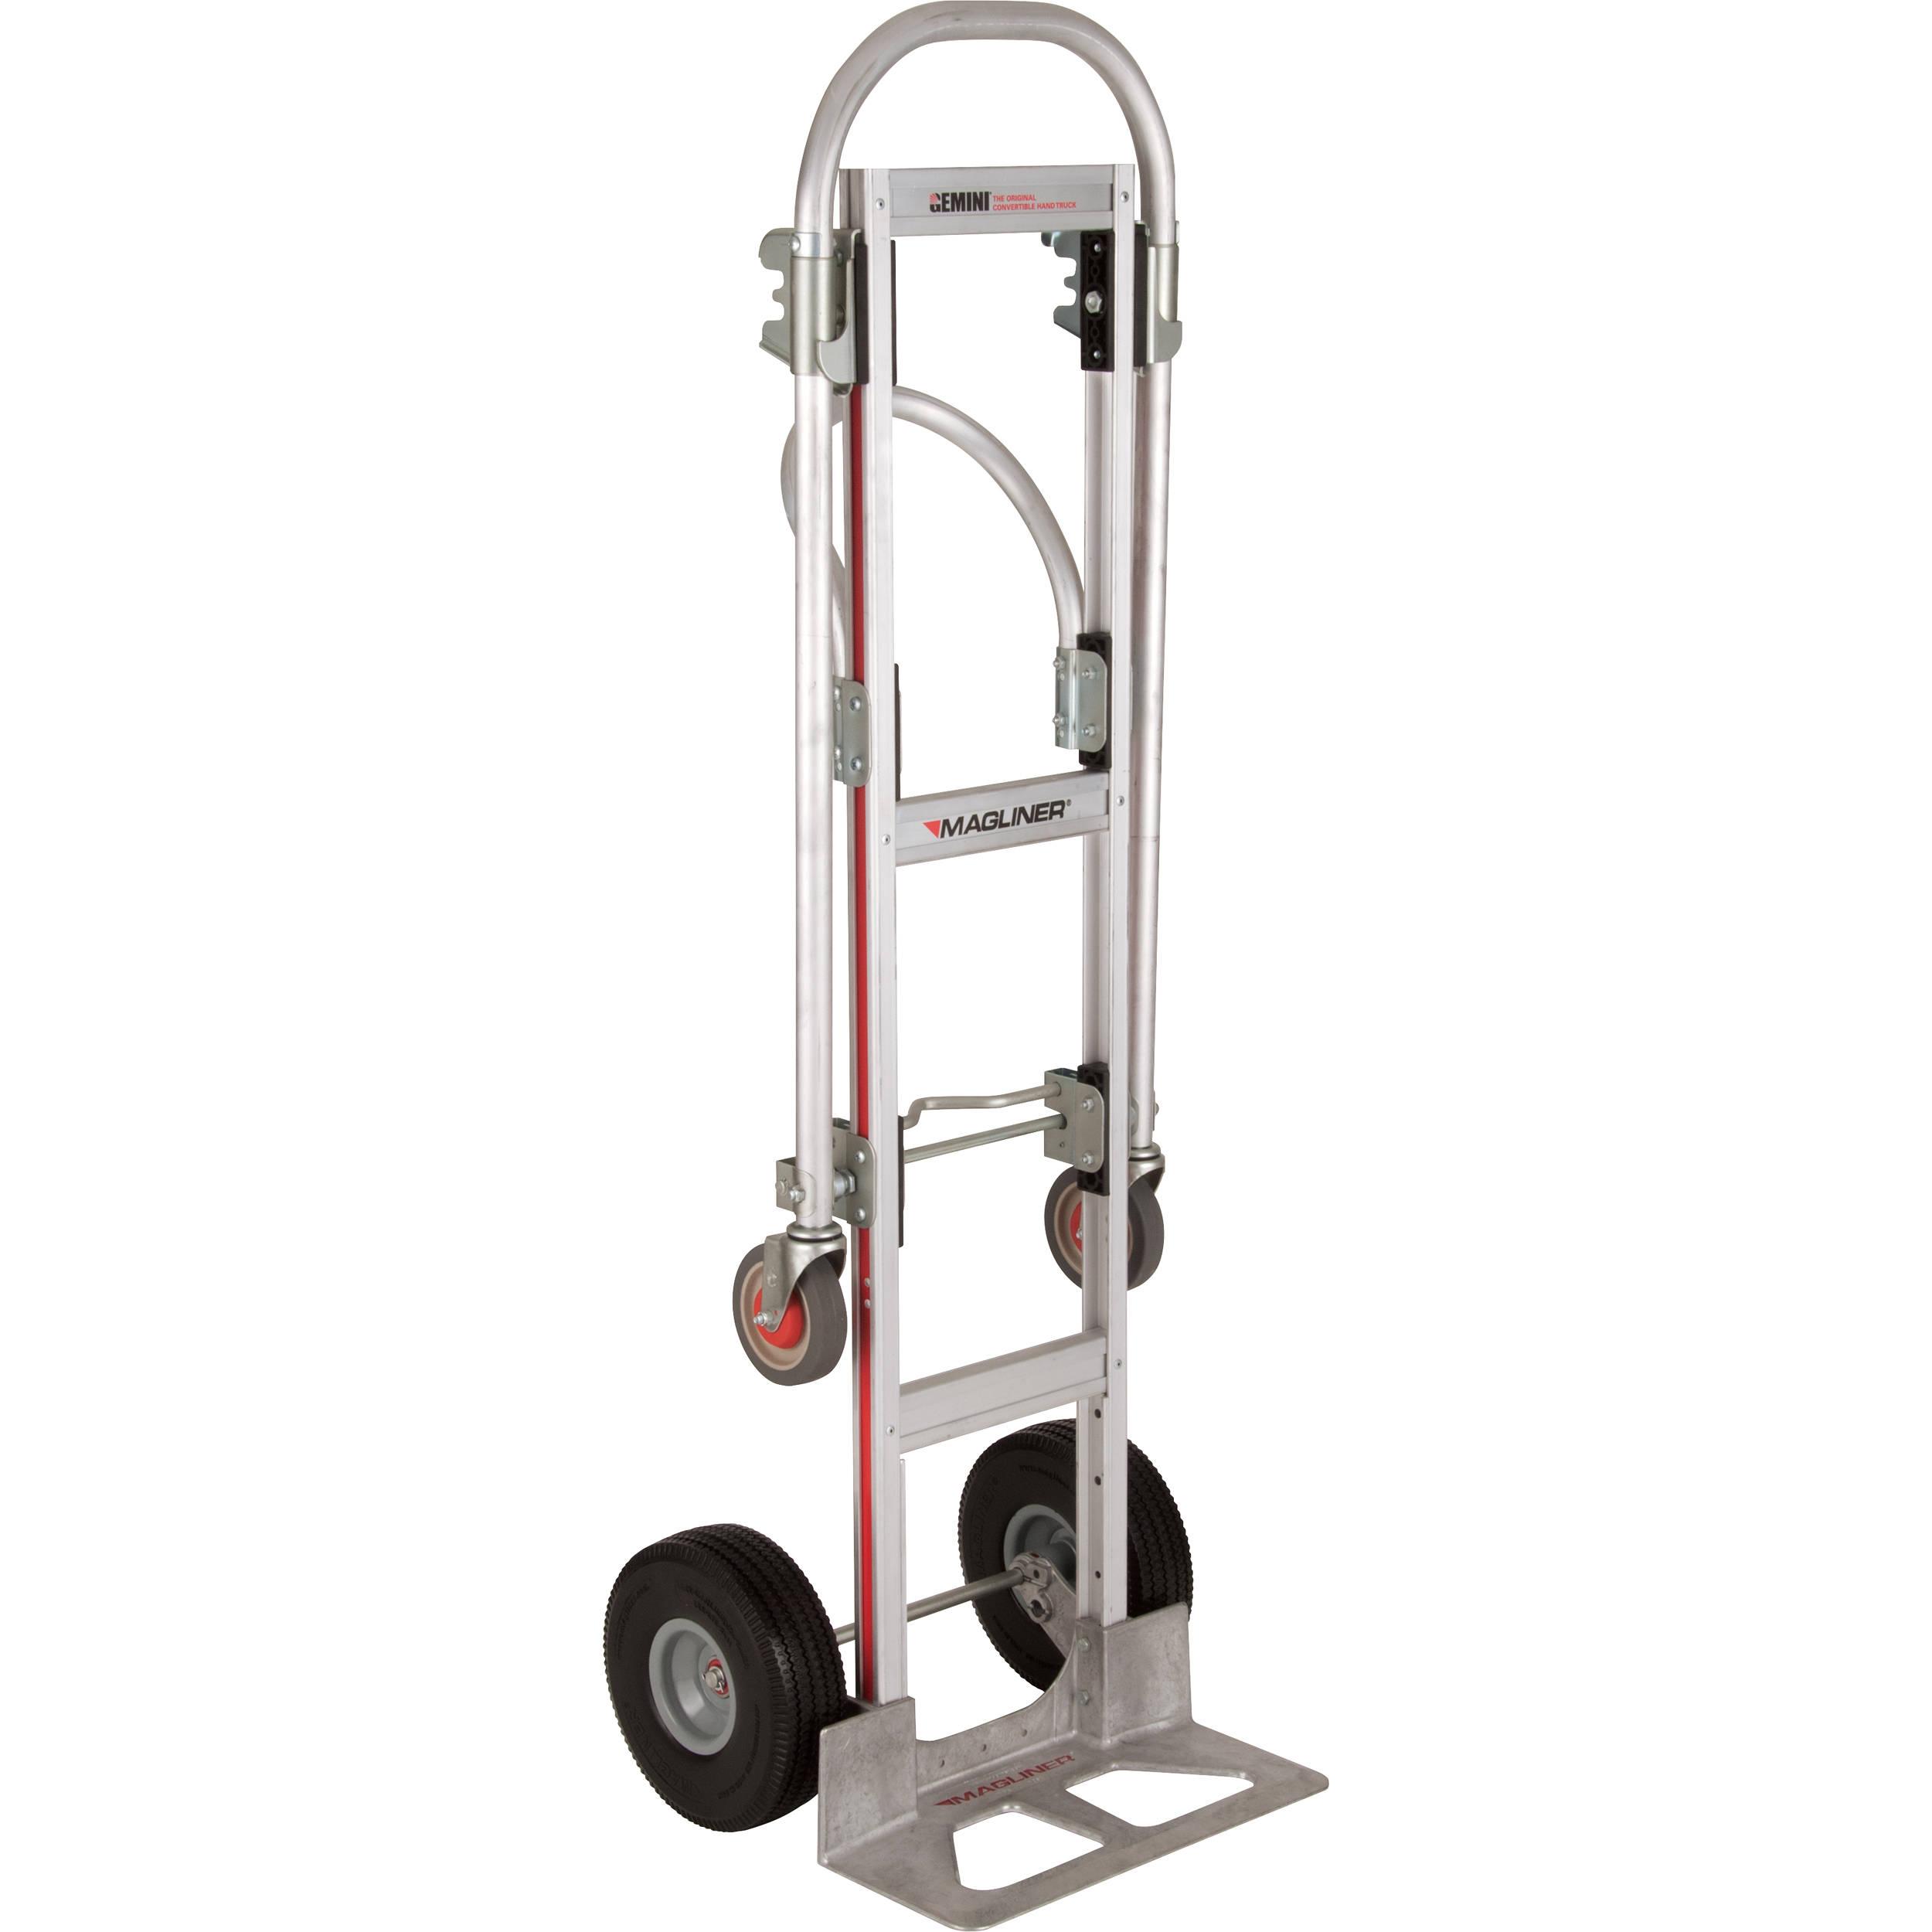 Aluminum Convertible Handtruck - Urethane Foam Wheels 10